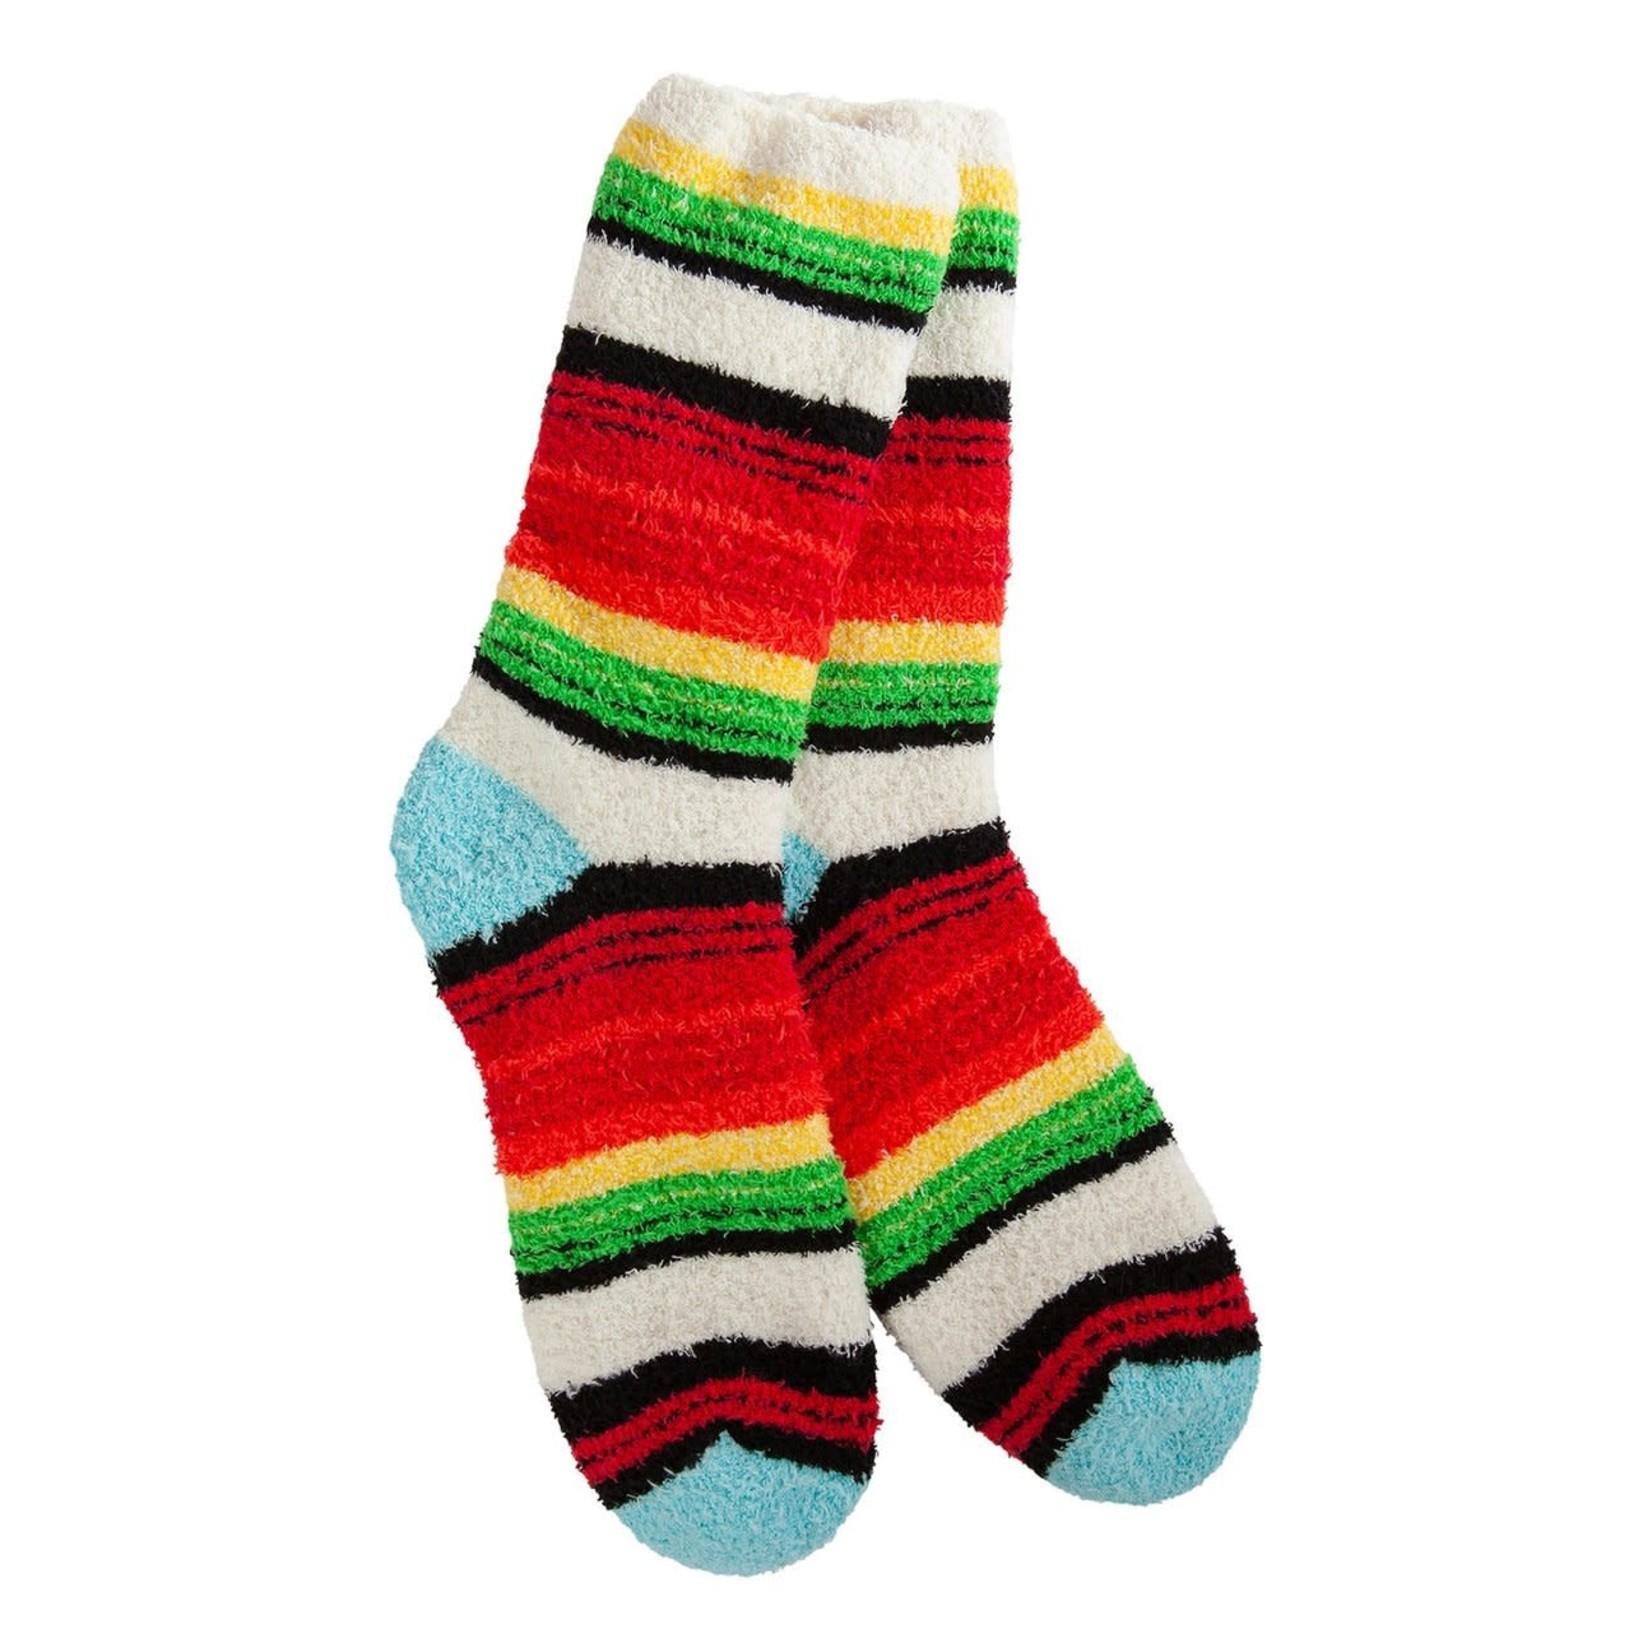 World's Softest Knit Pickin' Fireside Crew Socks- Santa Fe